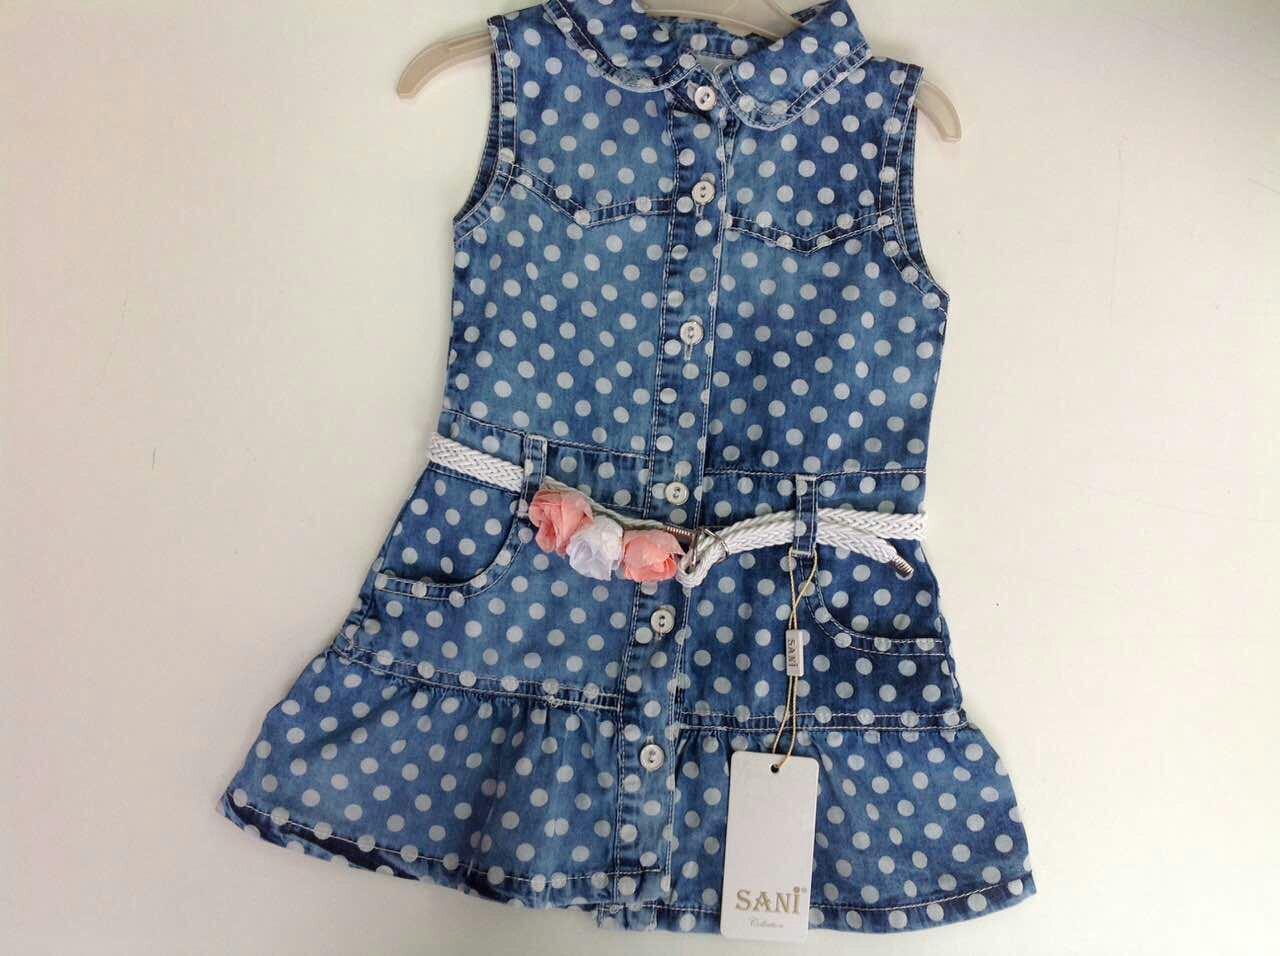 3e9873118a3 Платье джинсовое для девочек в горошек - Интернет-магазин «KatrinStyle» в  Хмельницком